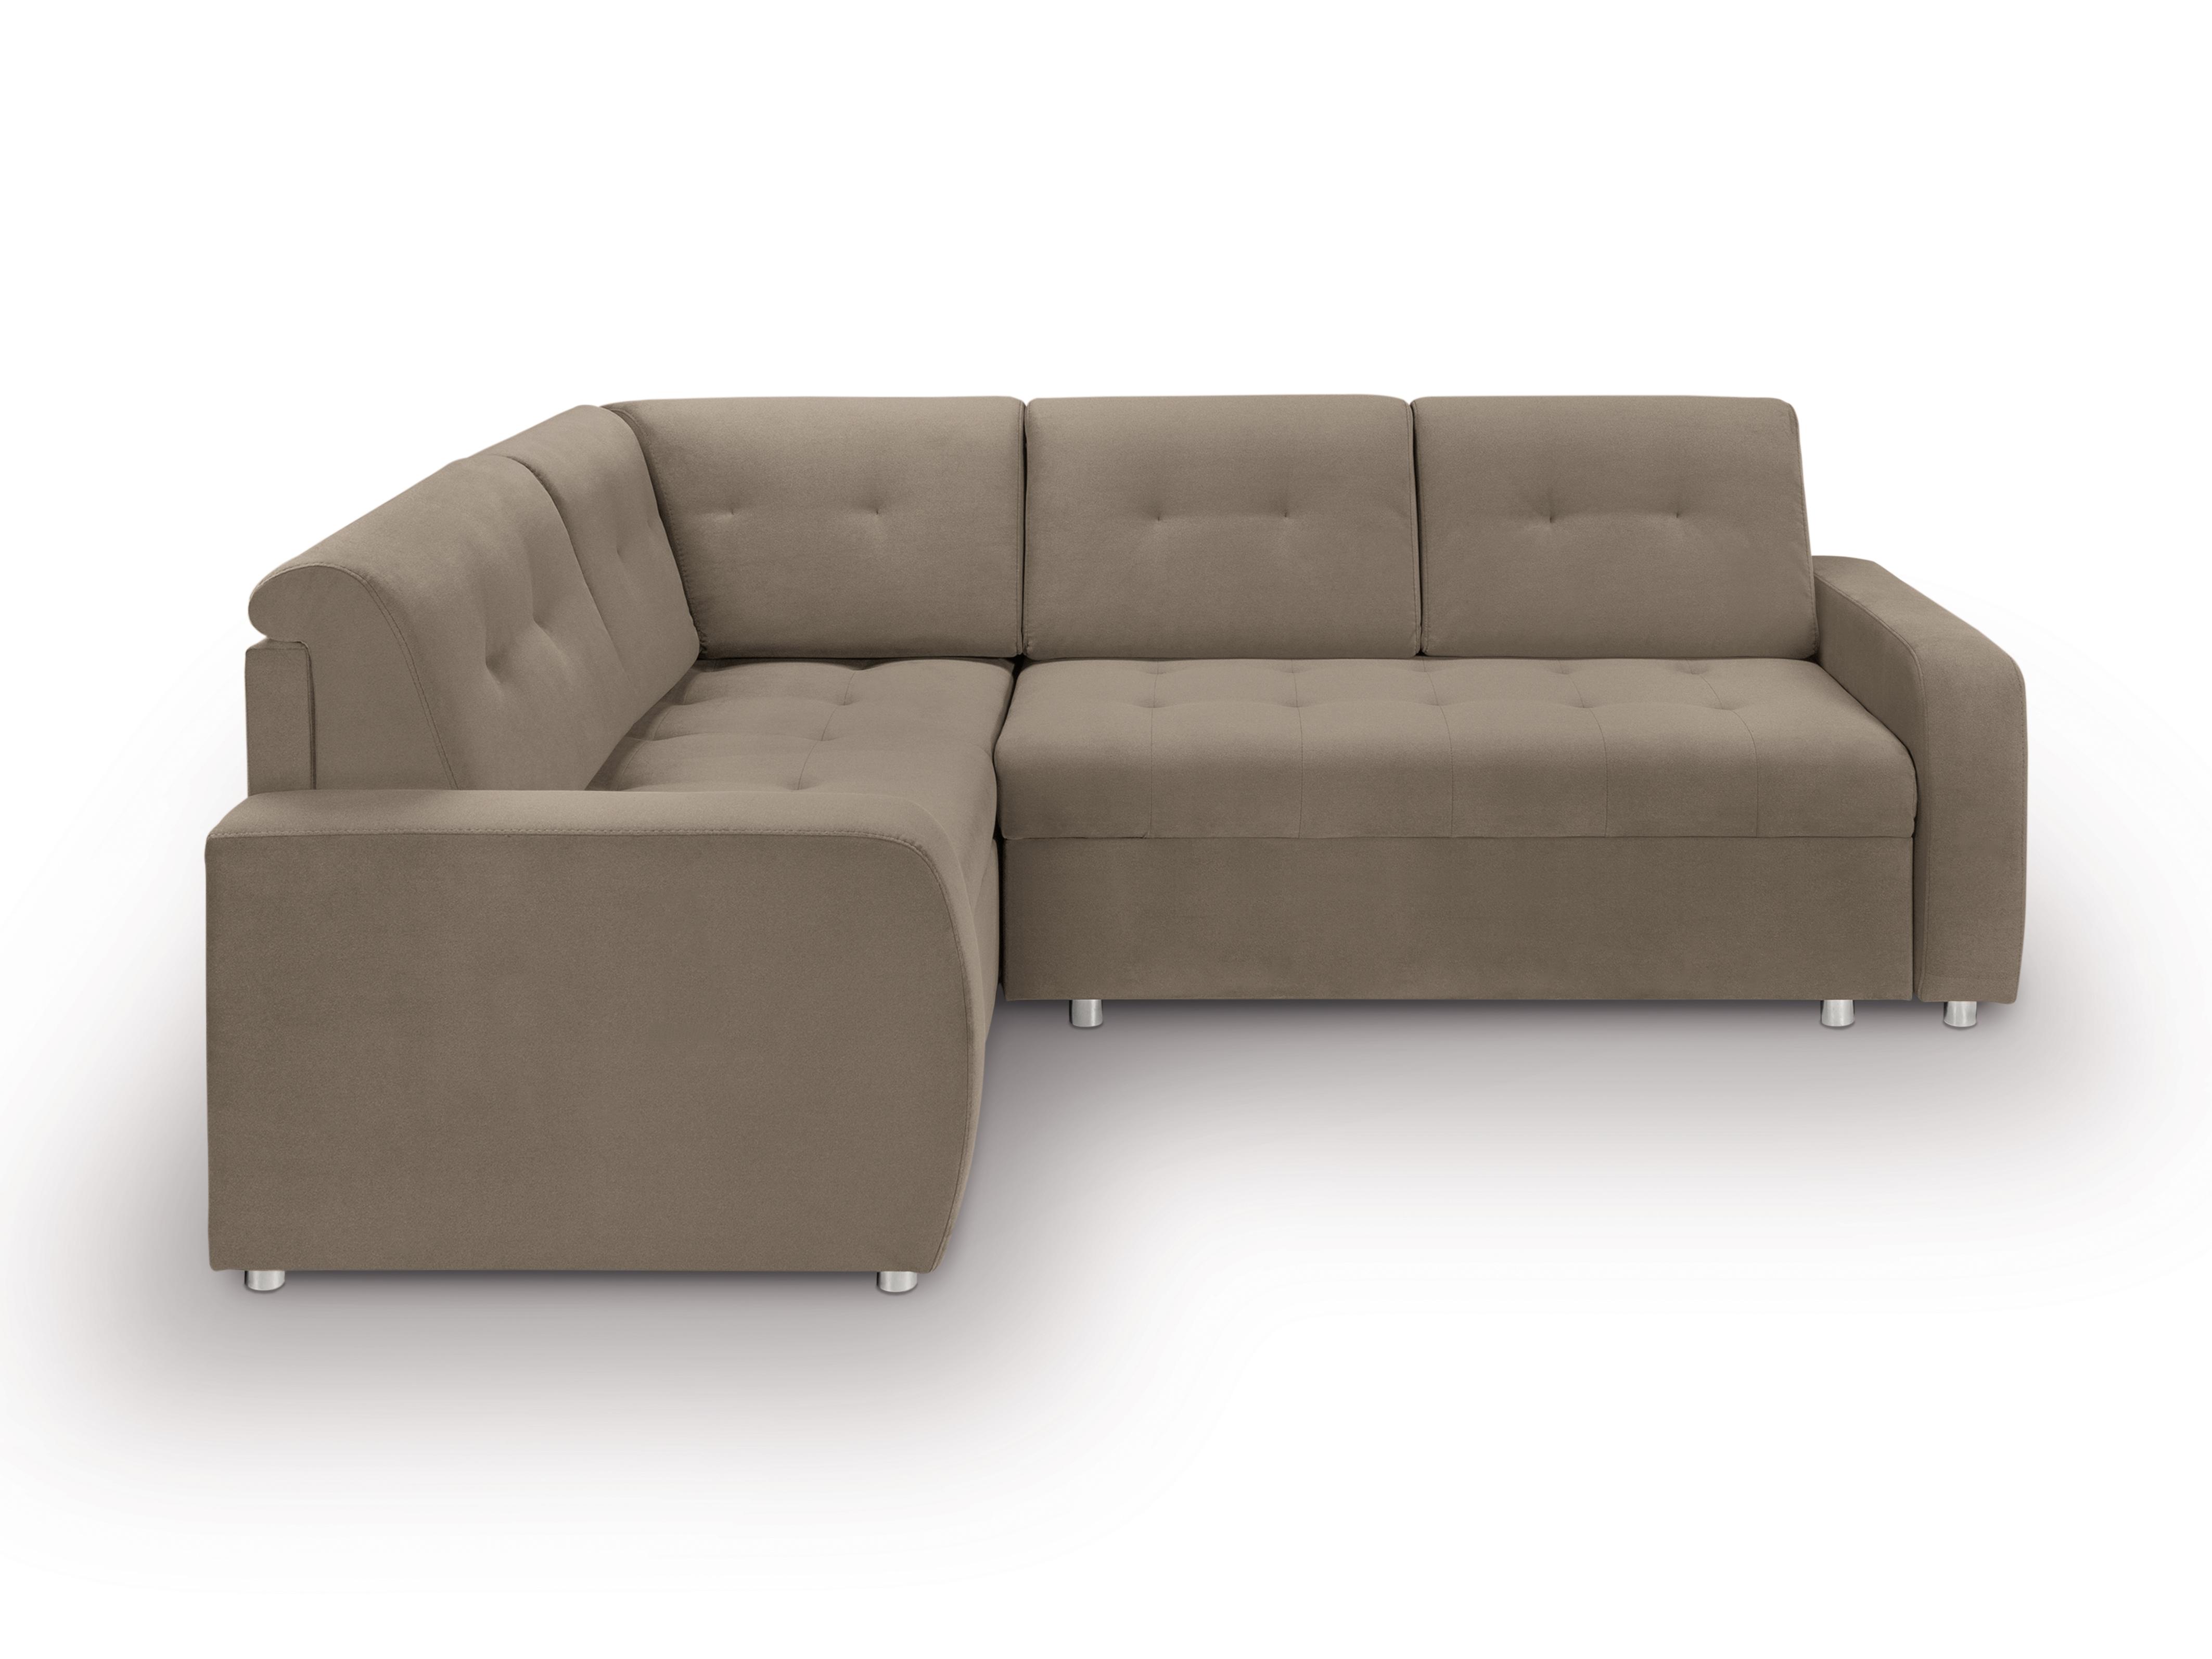 Rohová sedací souprava - BRW - Willy Lux 3DL RECBKMU (hnědá) (L)